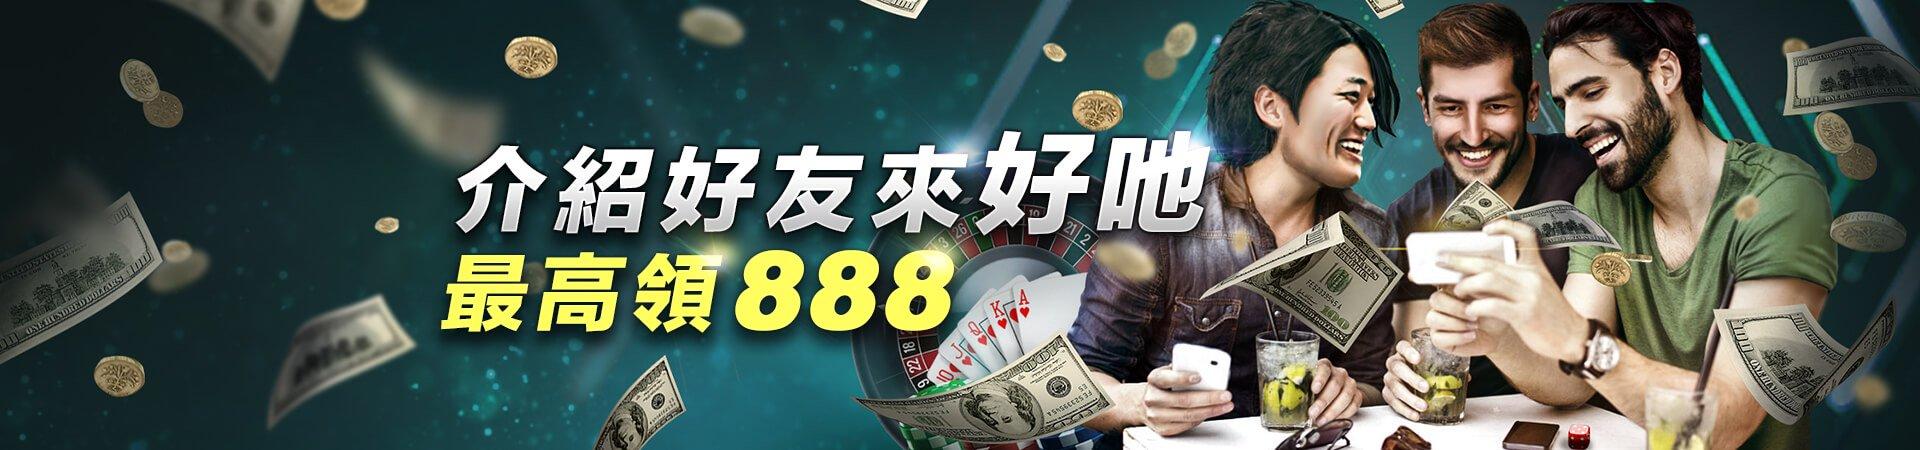 介紹好友來HOIN!最高領888發財金!